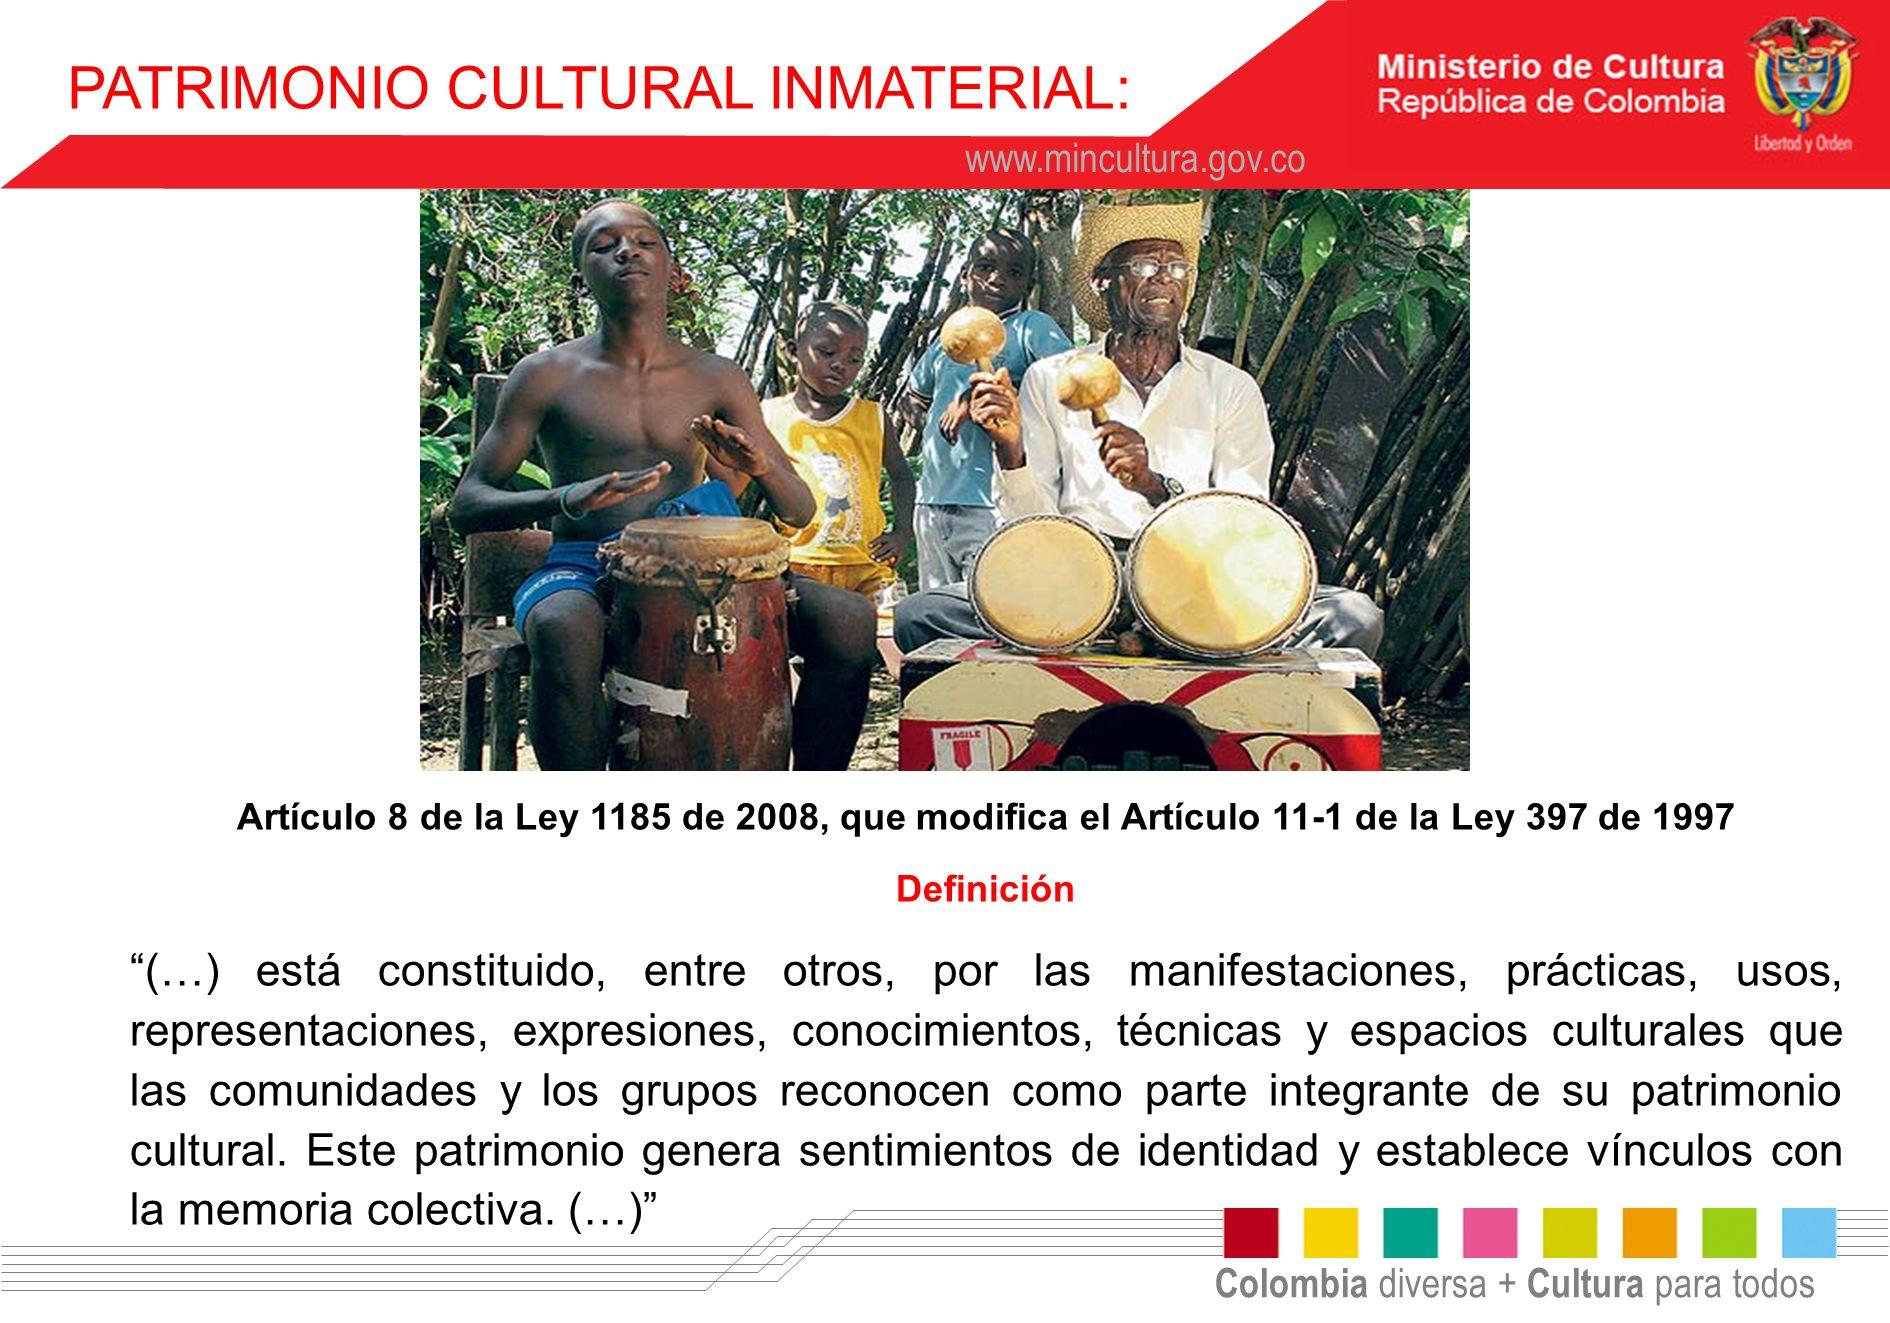 Colombia diversa + Cultura para todos www.mincultura.gov.co Artículo 8 de la Ley 1185 de 2008, que modifica el Artículo 11-1 de la Ley 397 de 1997 Def